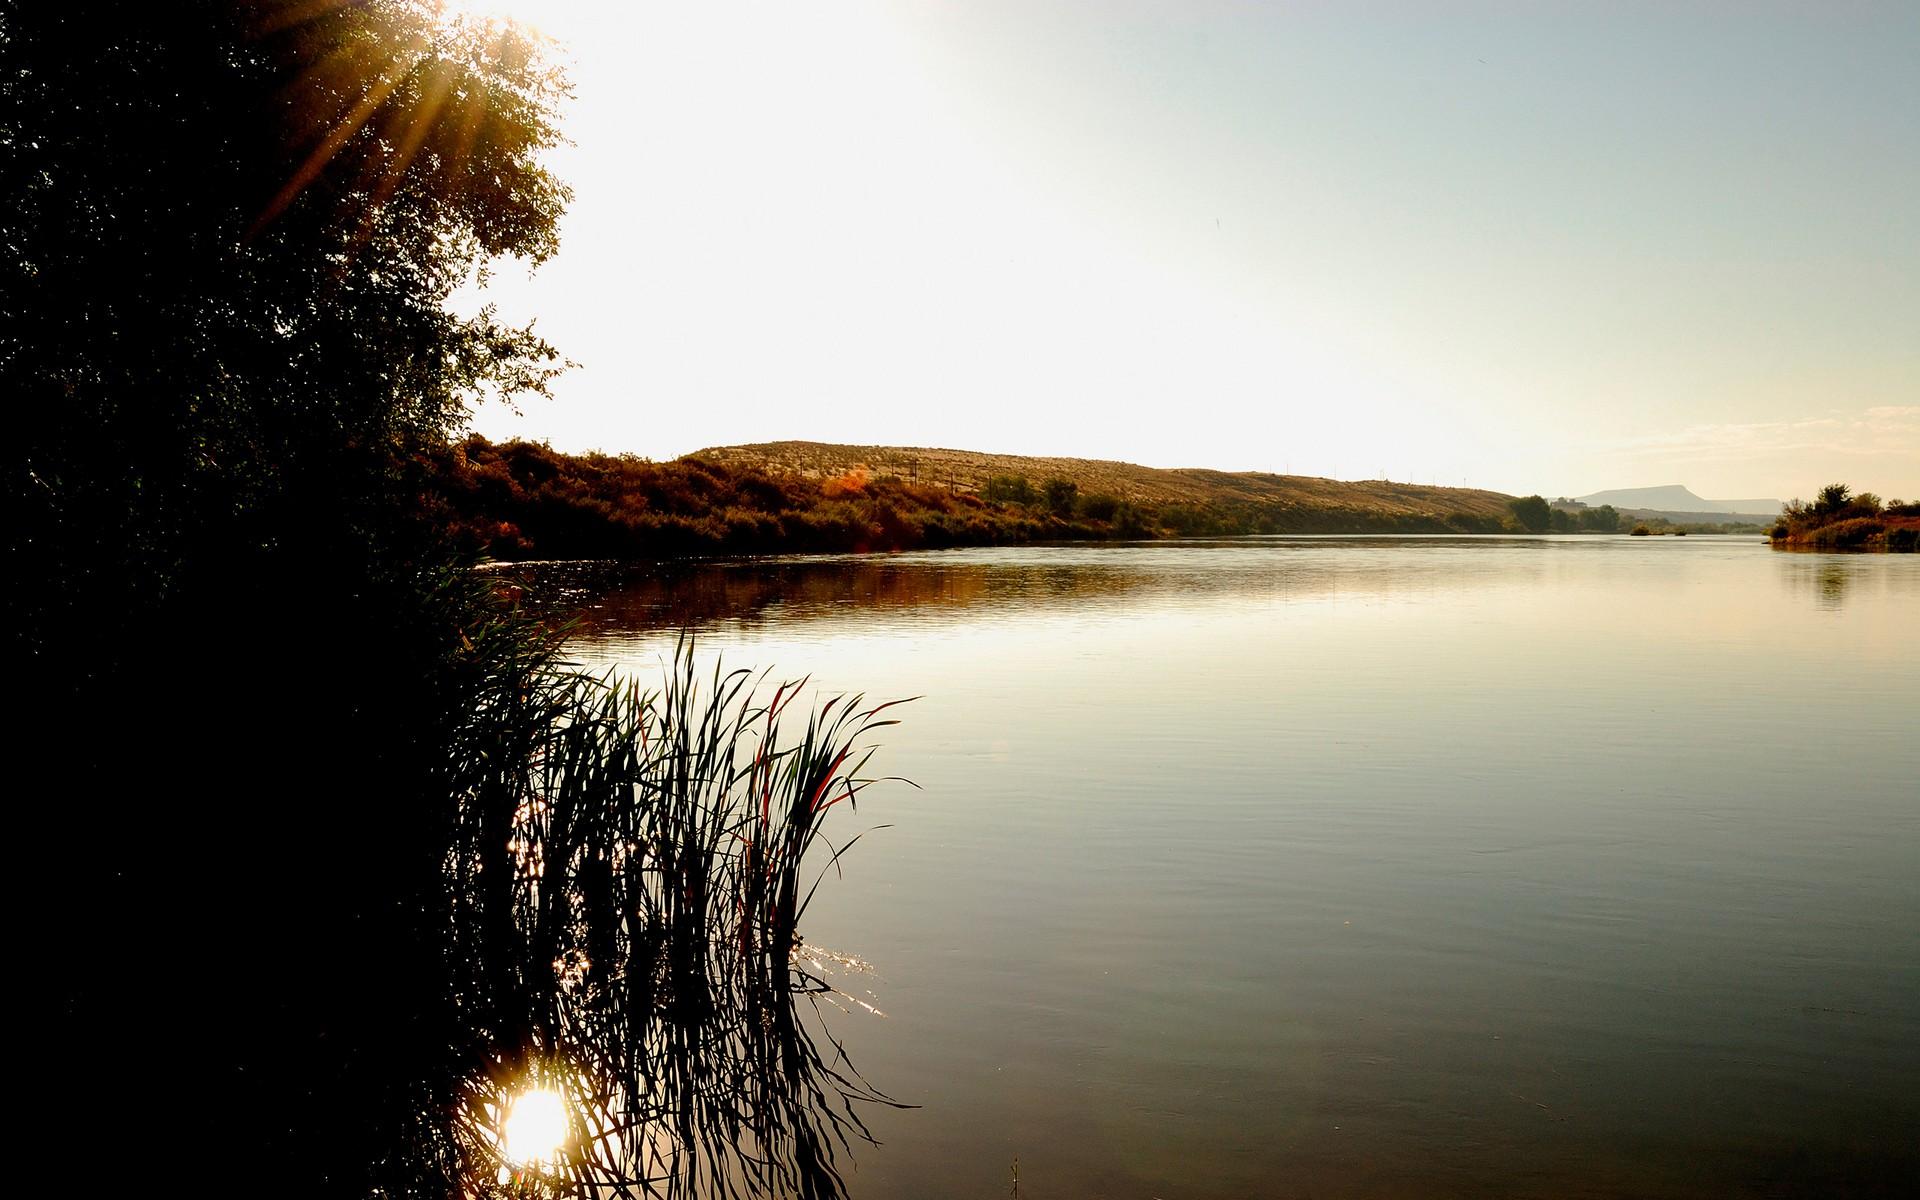 lakes desktop wallpaper hd - photo #36